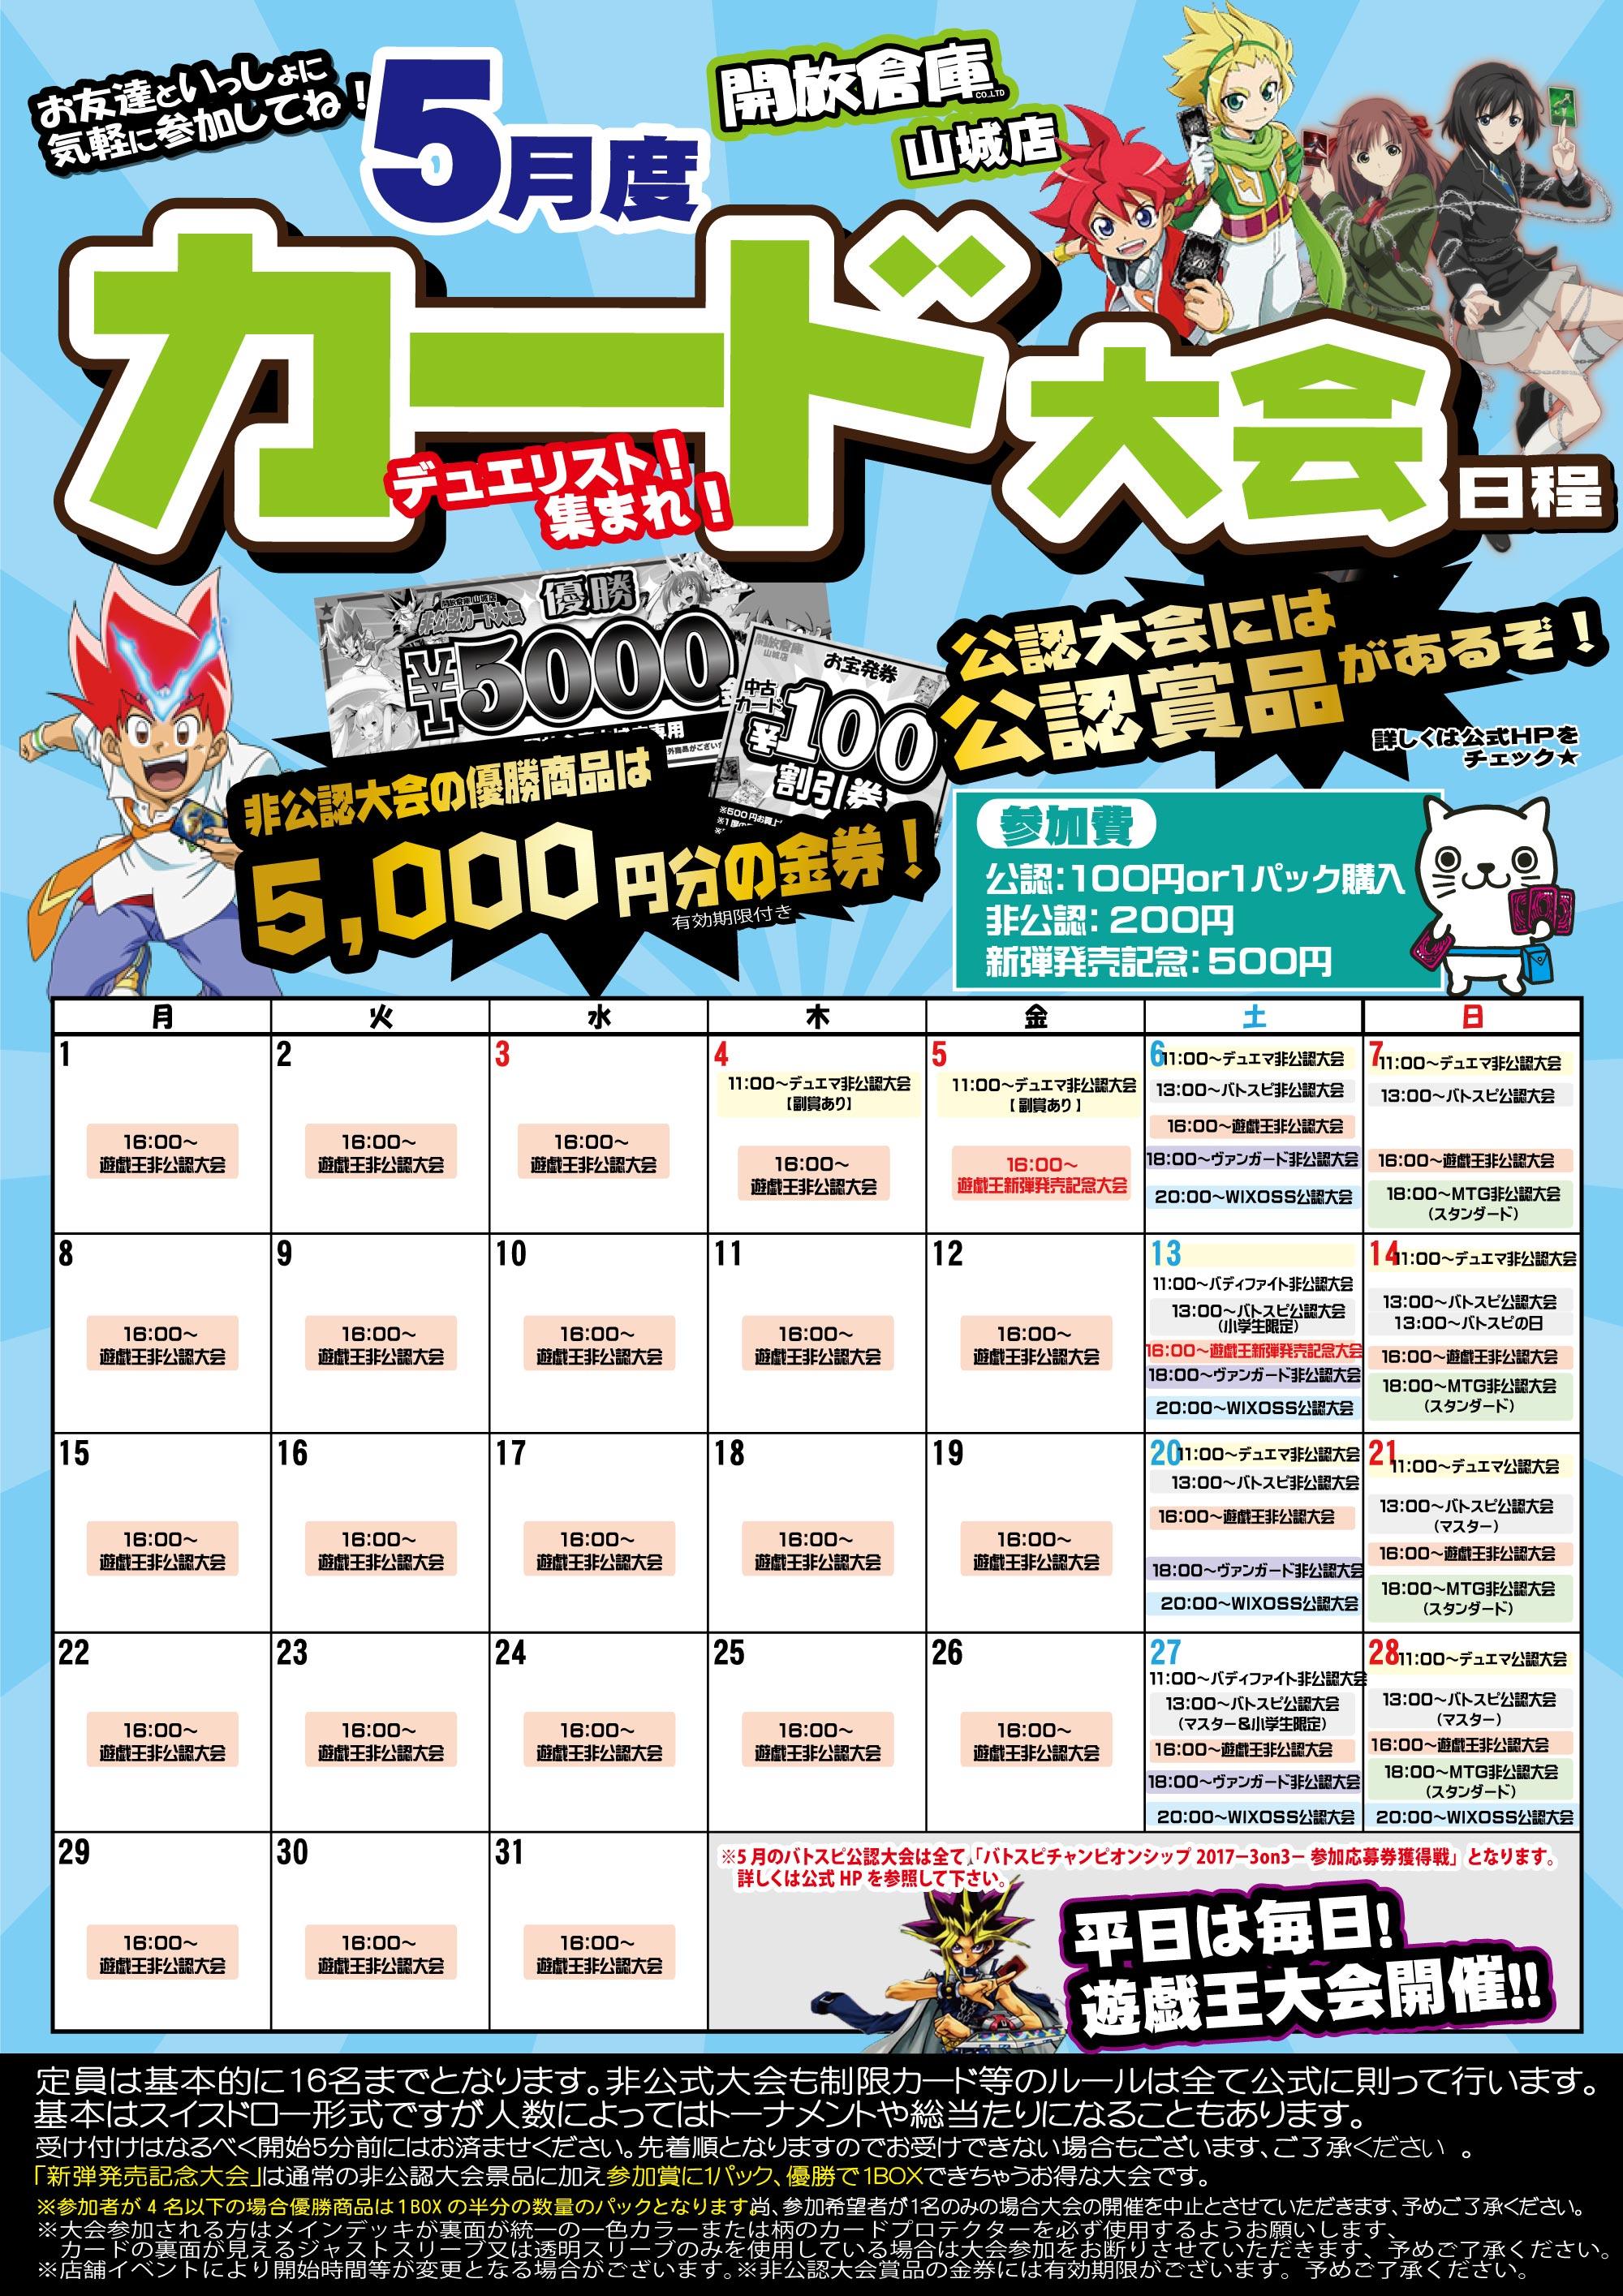 「開放倉庫山城店」2017年5月度/カード大会日程表を更新しました!平日は毎日!遊戯王大会を開催!!